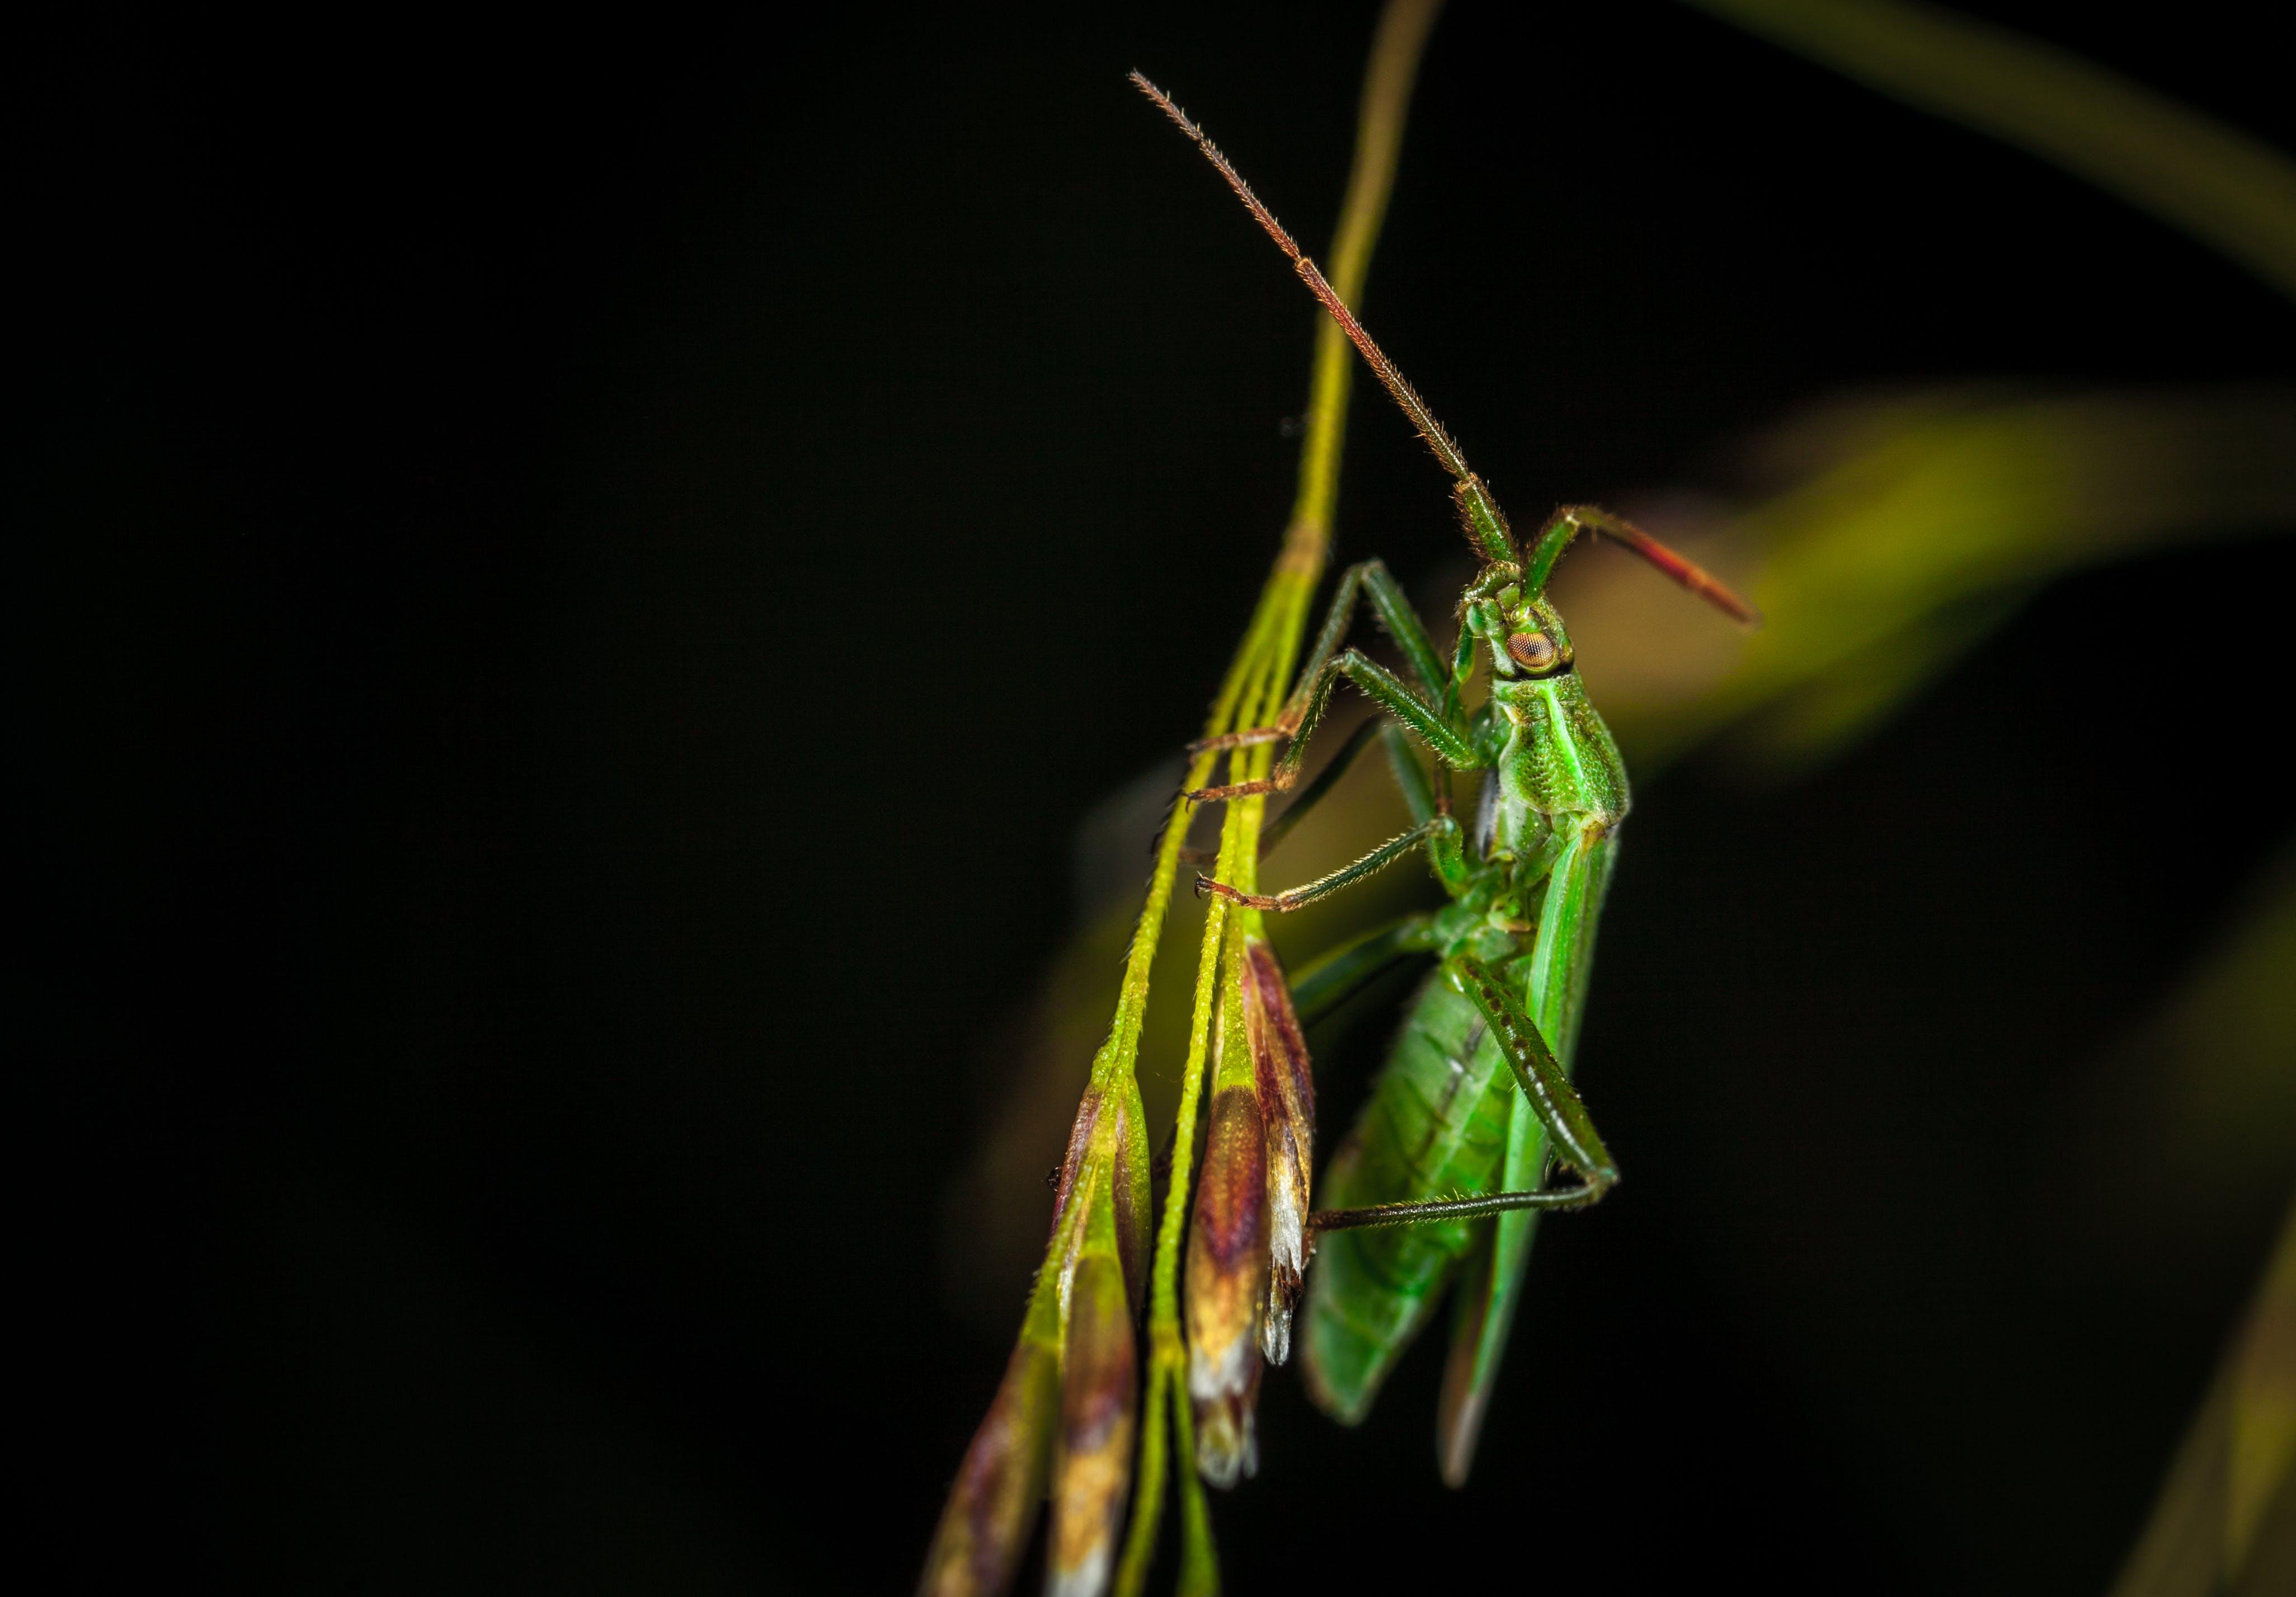 Kostenloses Stock Foto zu antenne, biologie, draußen, entomologie